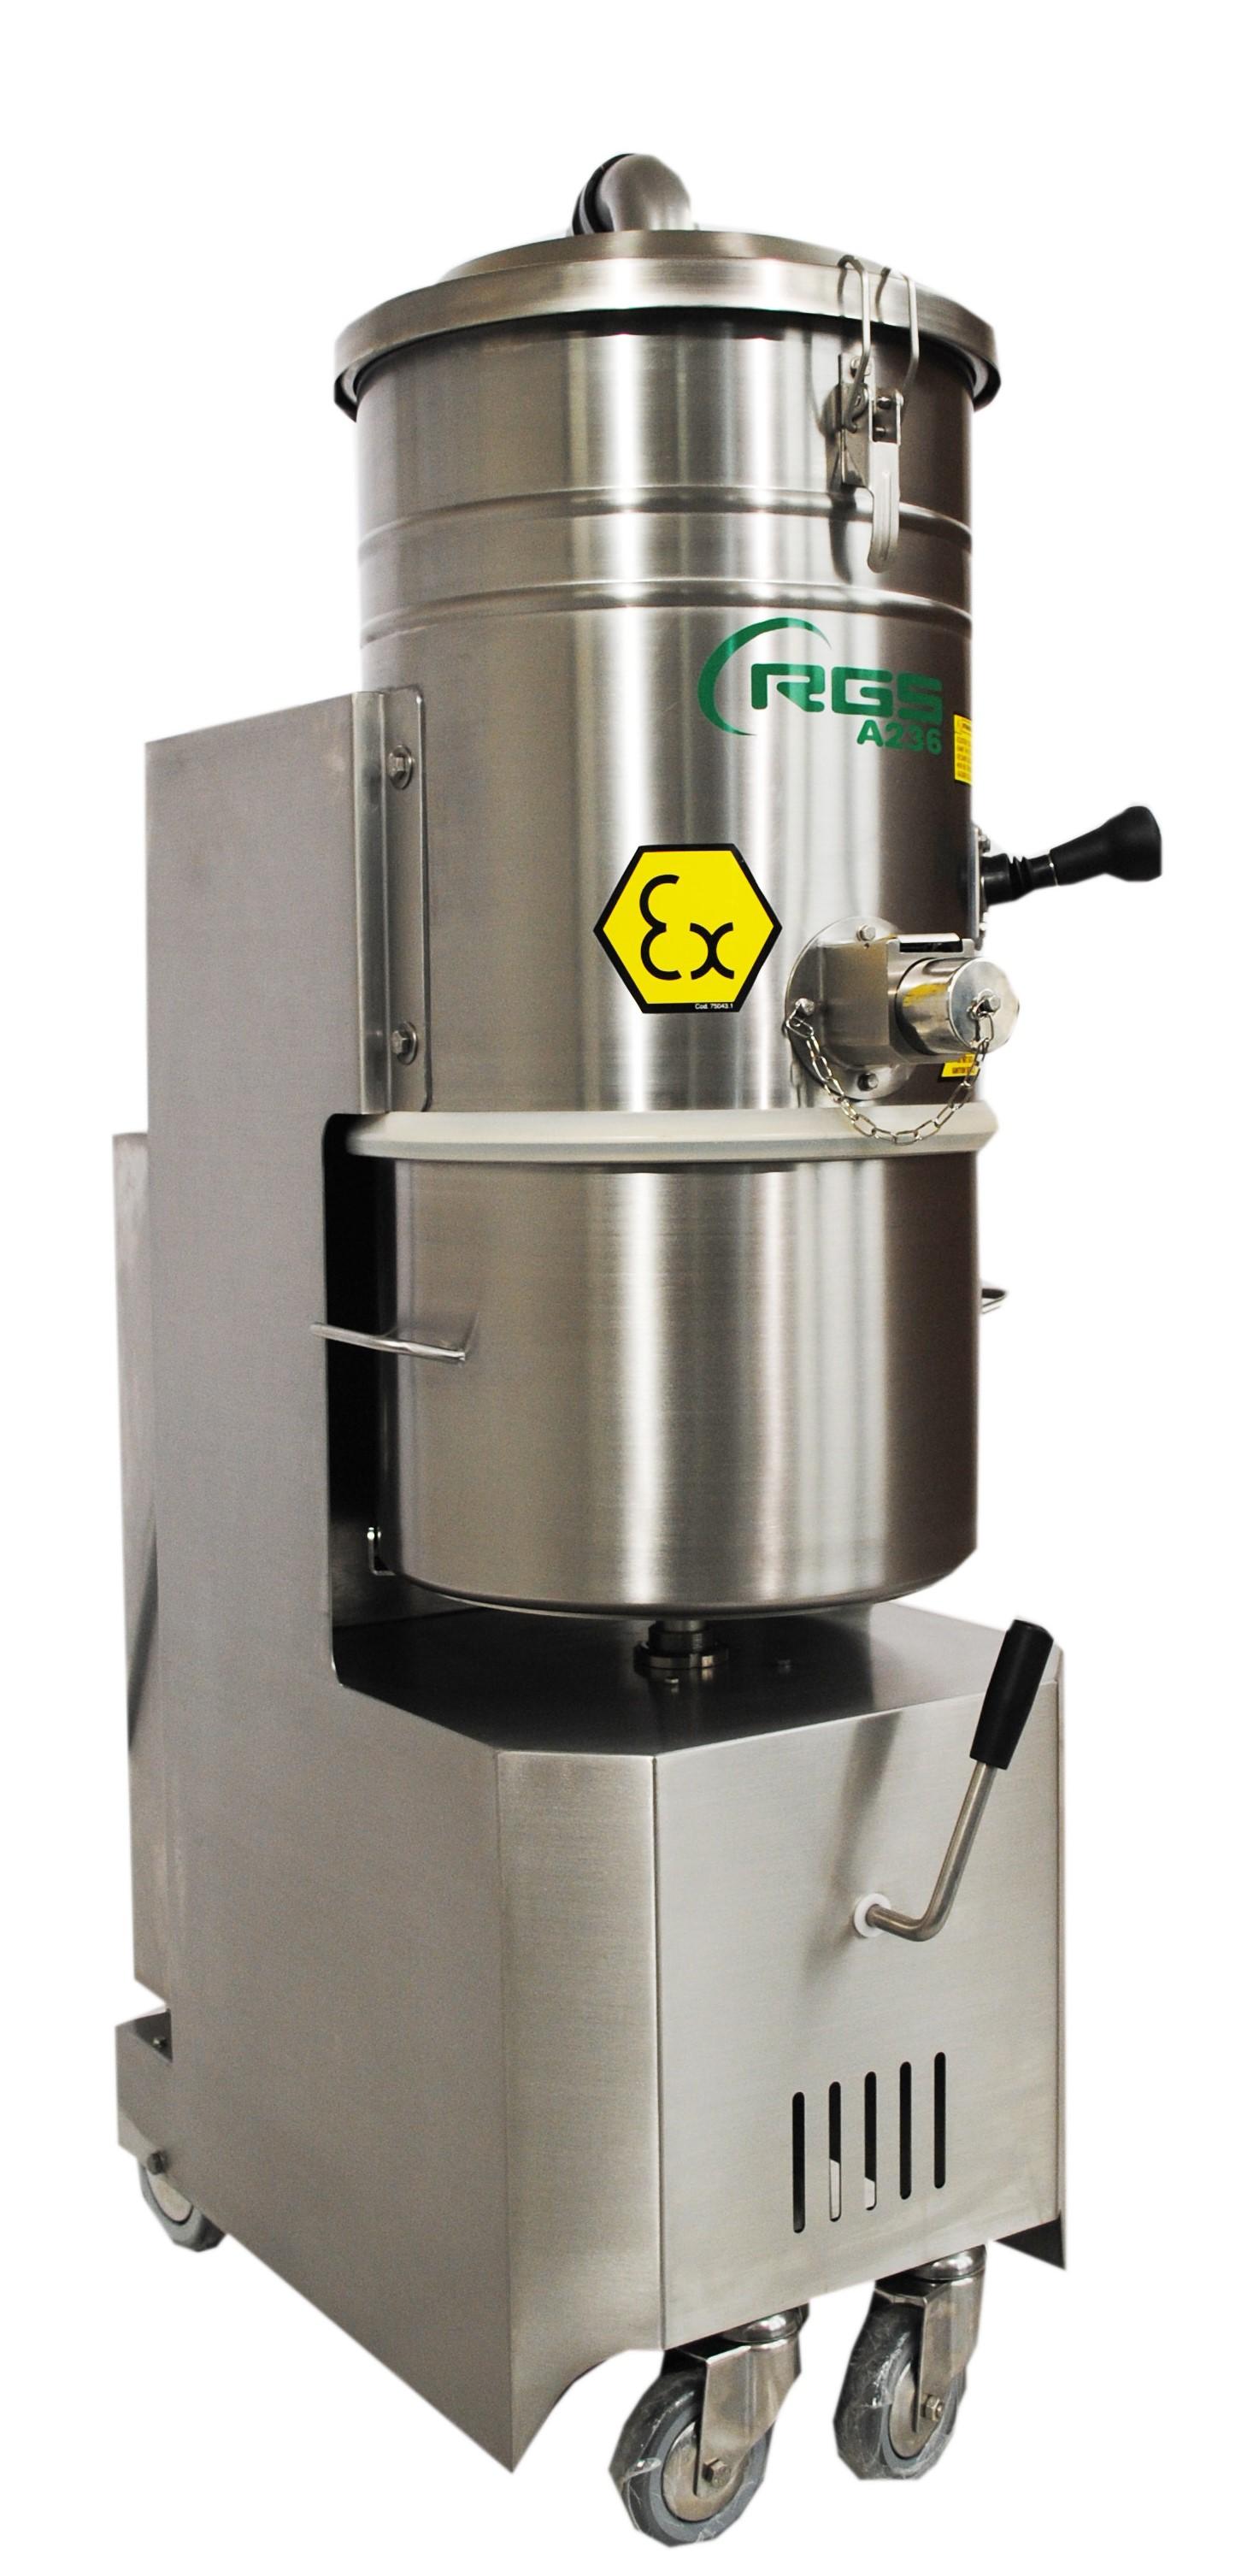 aspiratore industriale farmaceutico inox pharma